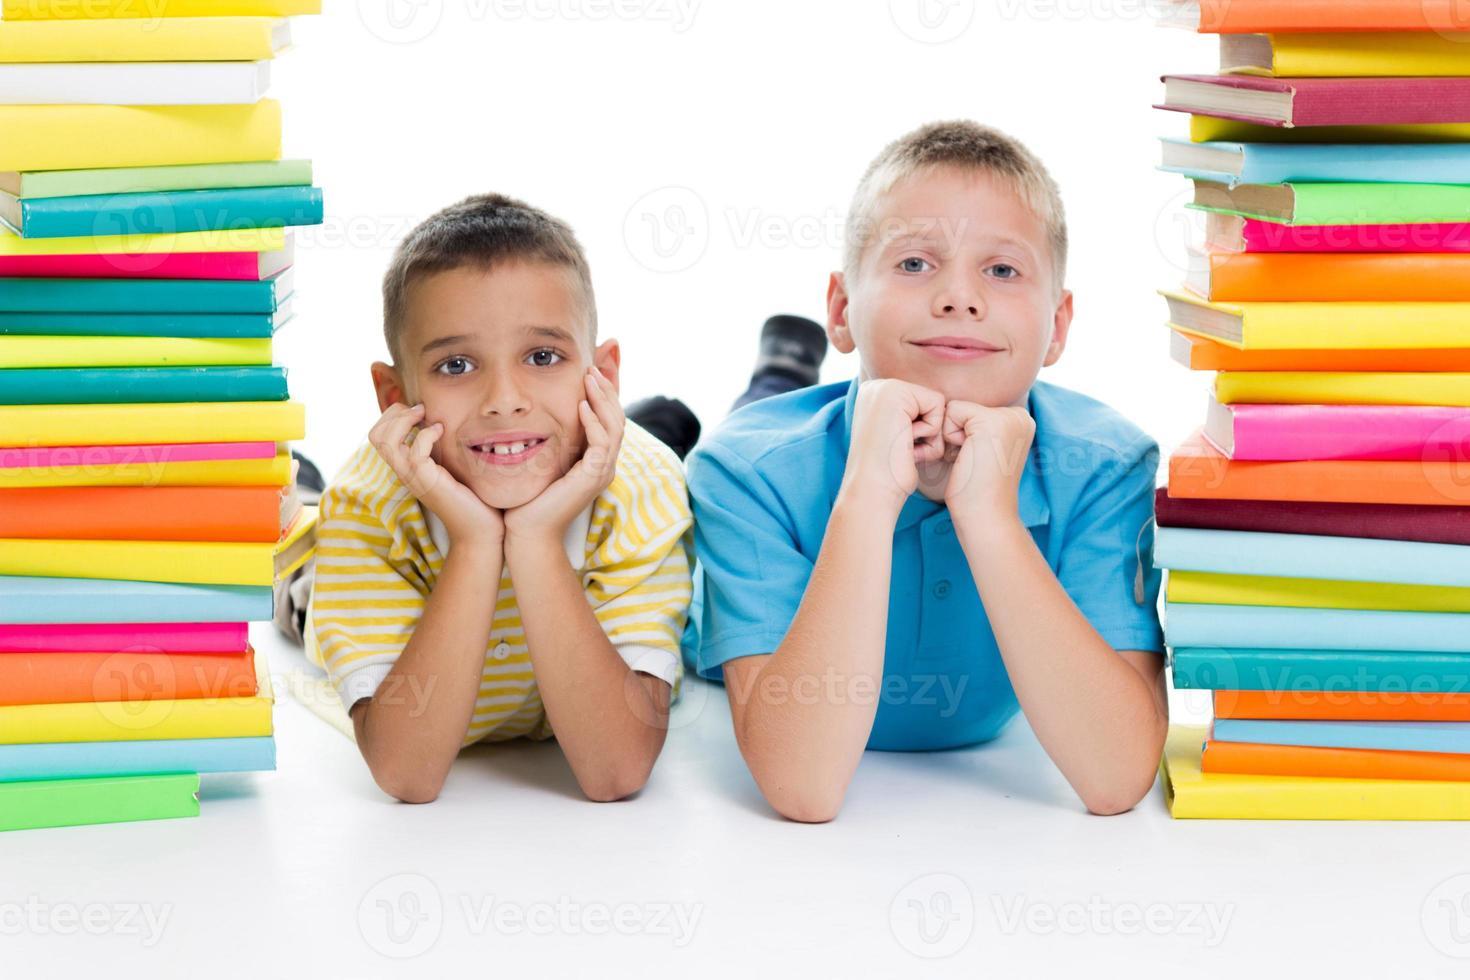 studenti seduti dietro una pila di libri su sfondo bianco foto